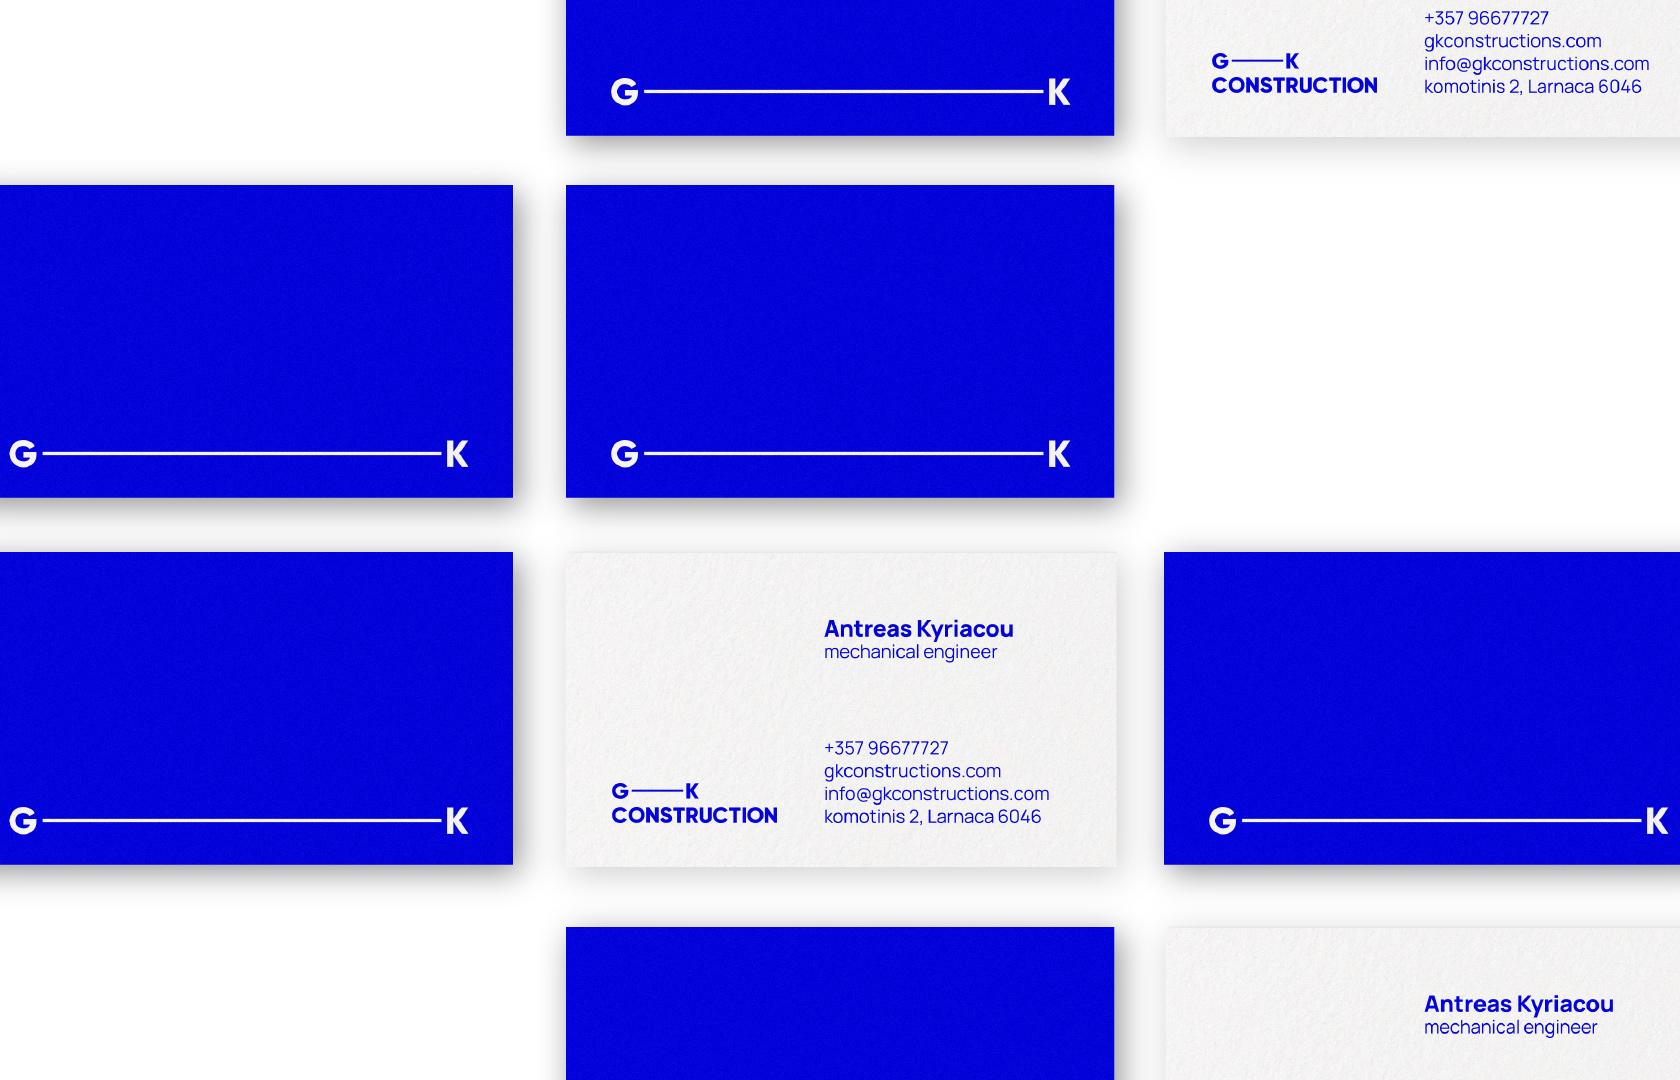 gk-business cards-desk